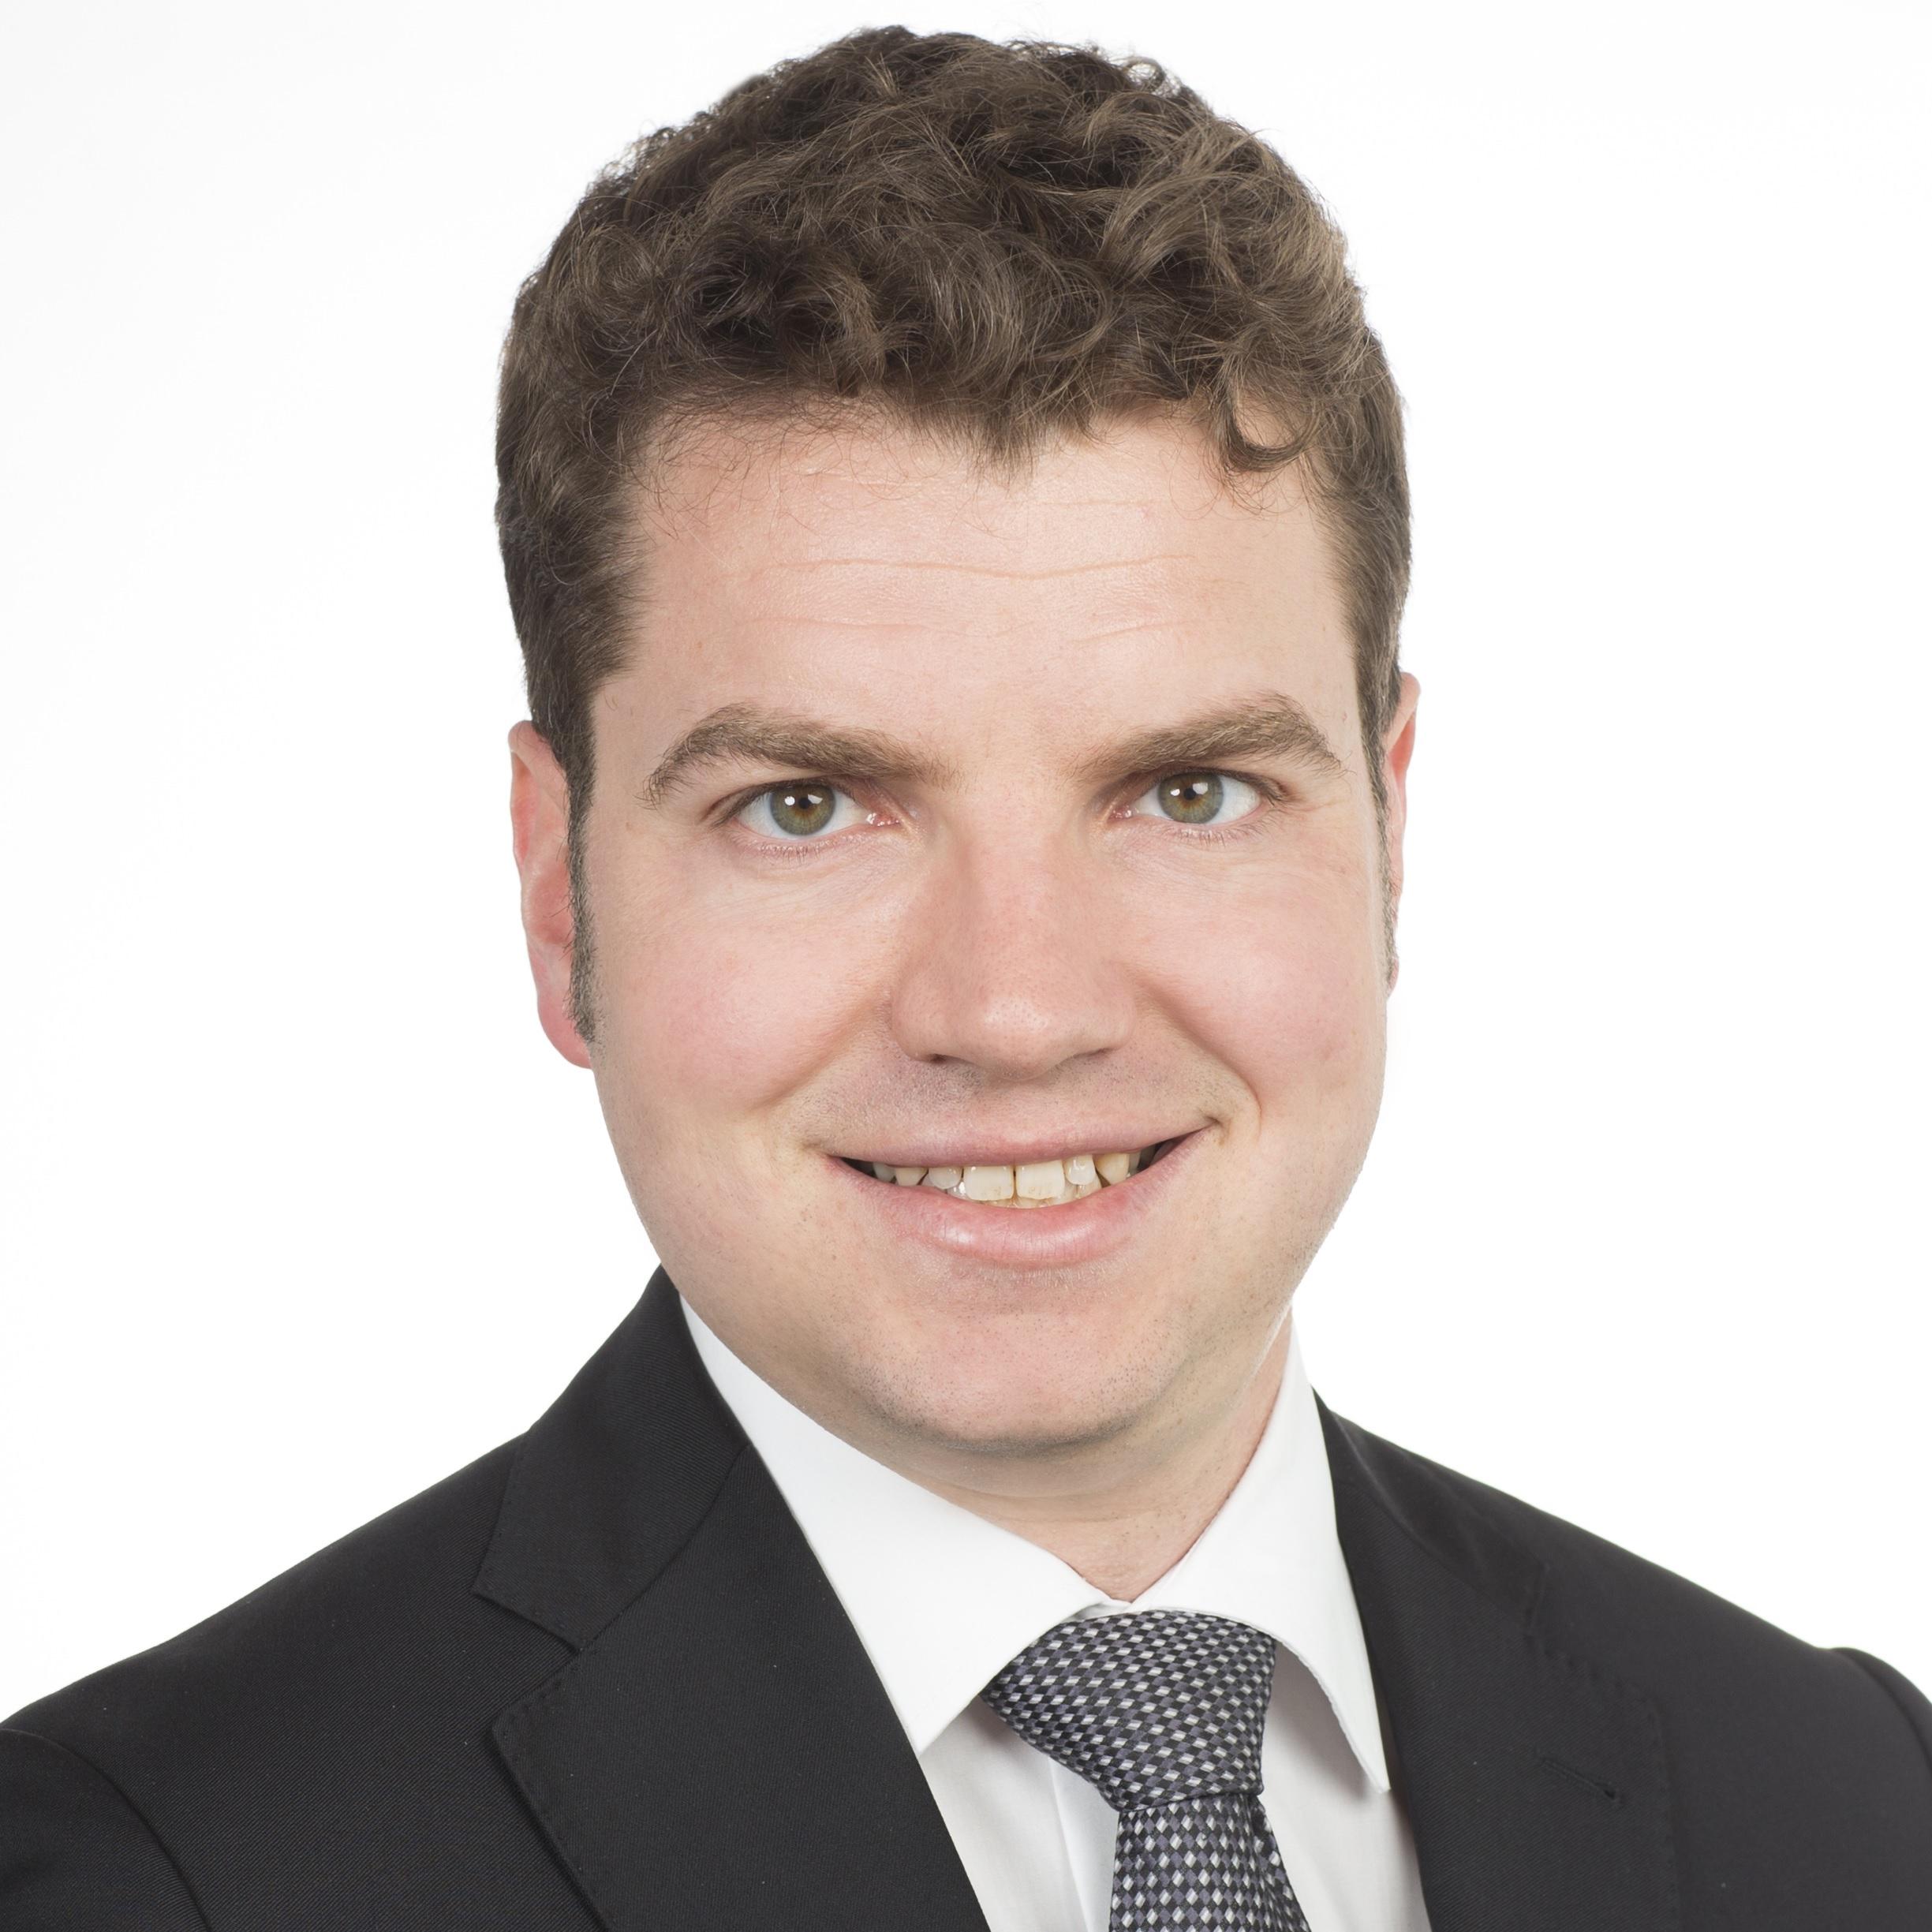 Alexander Böhm  Expert  Business Consulting  alexander.boehm at finbridge.de  +49 151 58 06 28 16   Xing